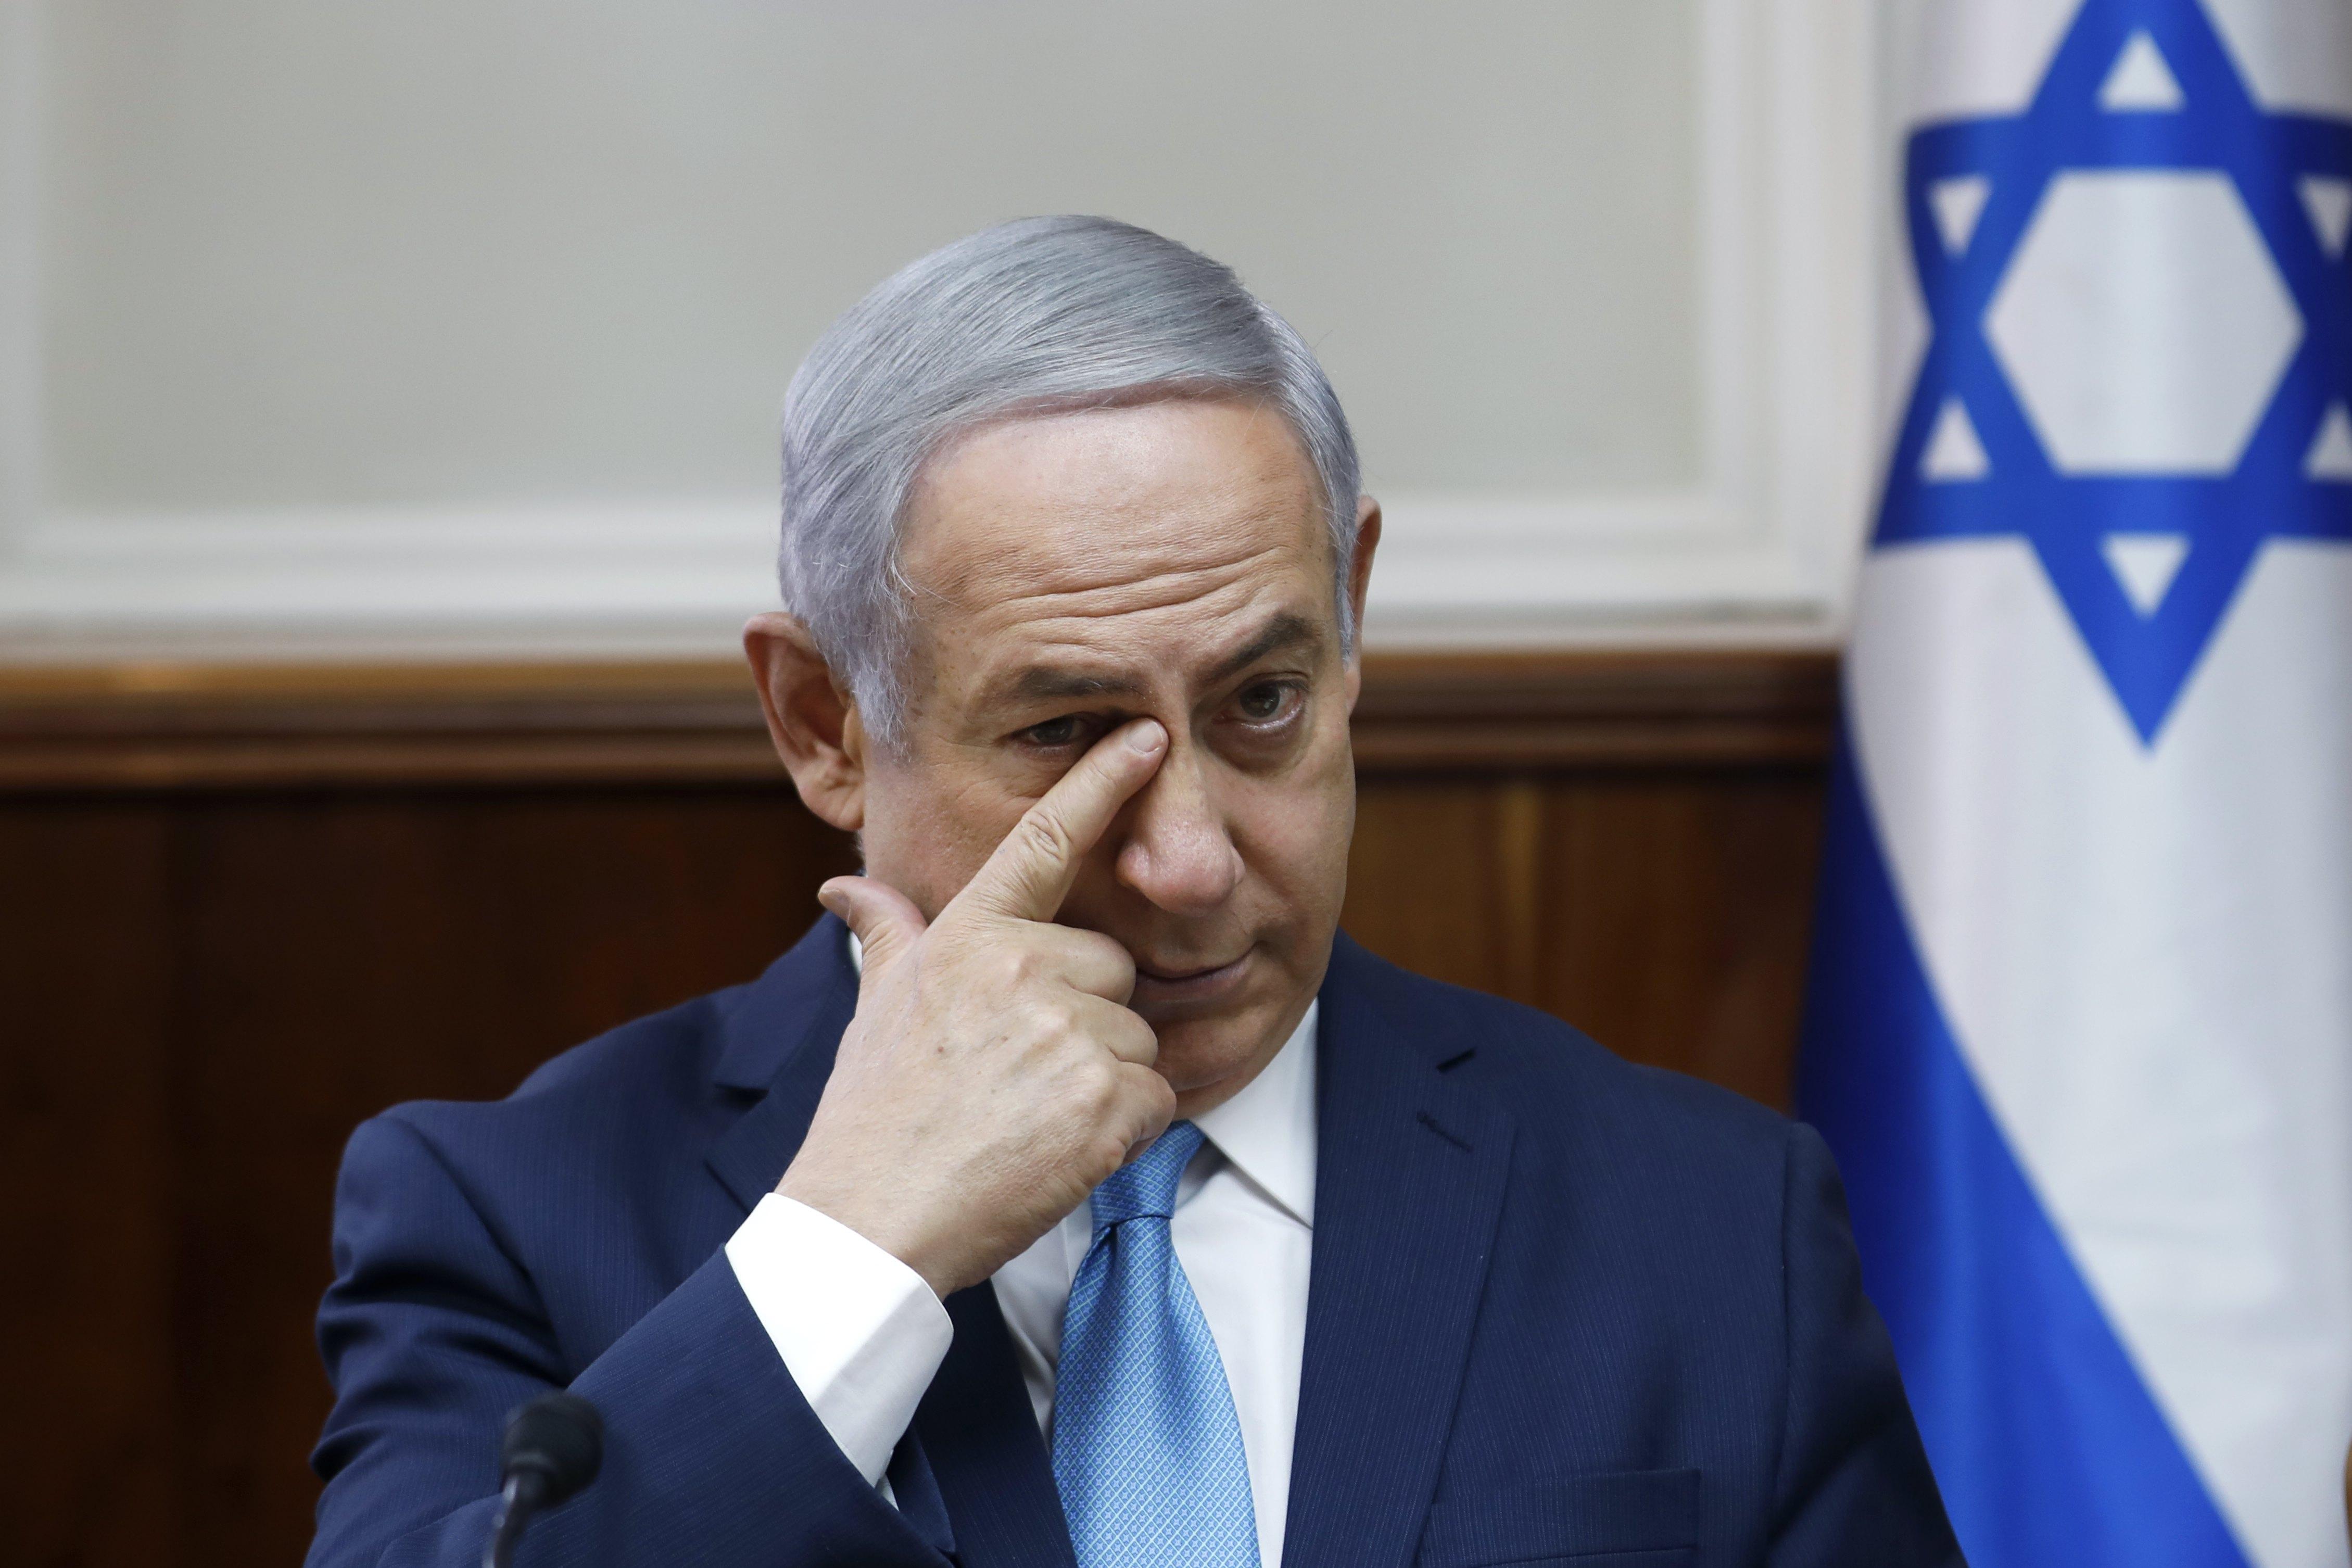 Netanyahua saslušan zbog korupcijske afere